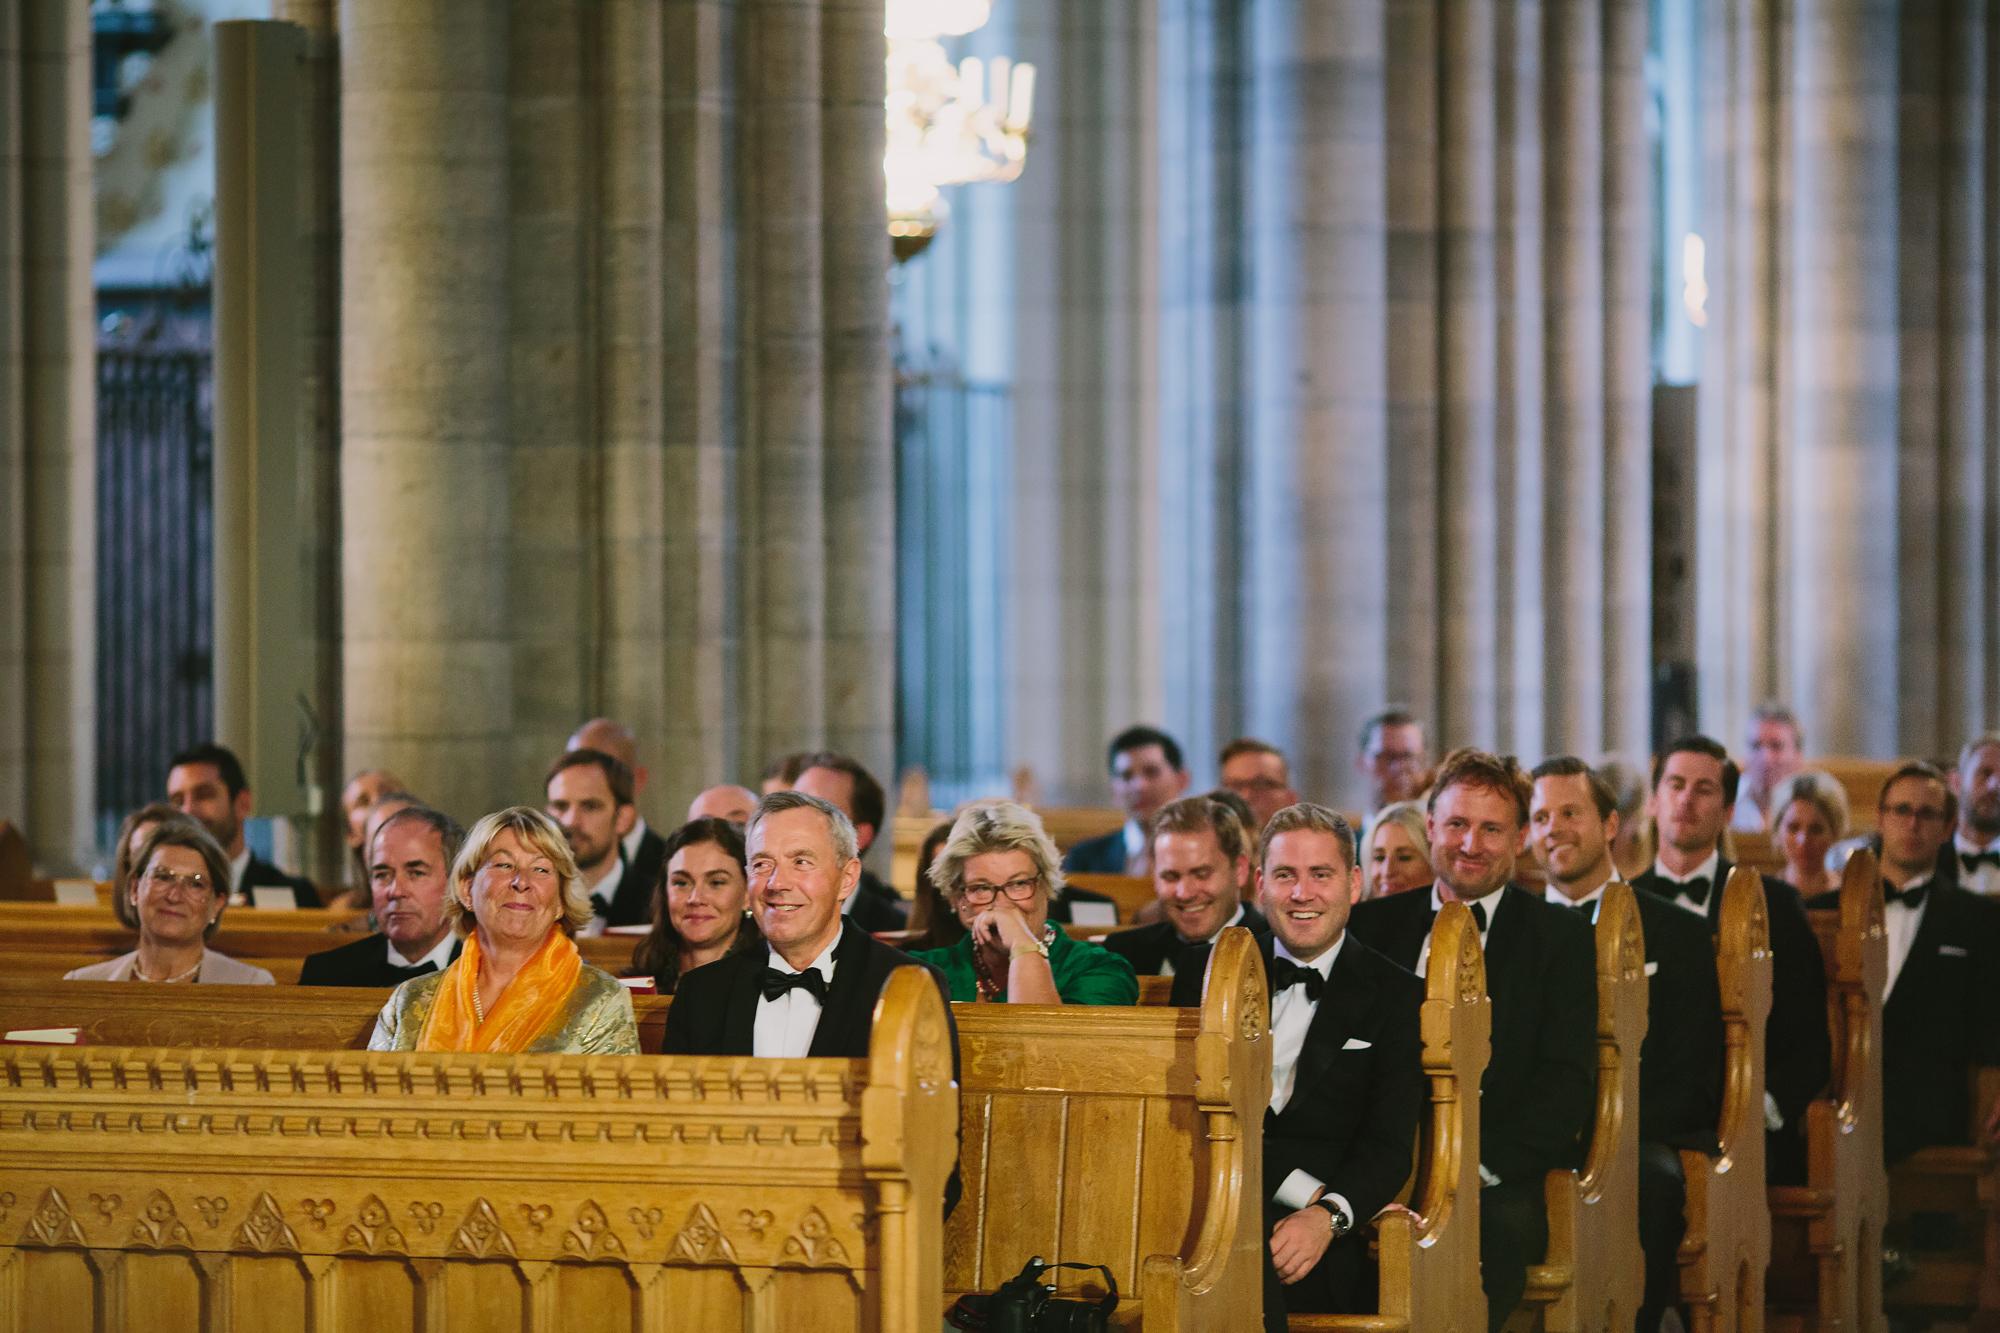 gästerna lyssnar på prästens tal